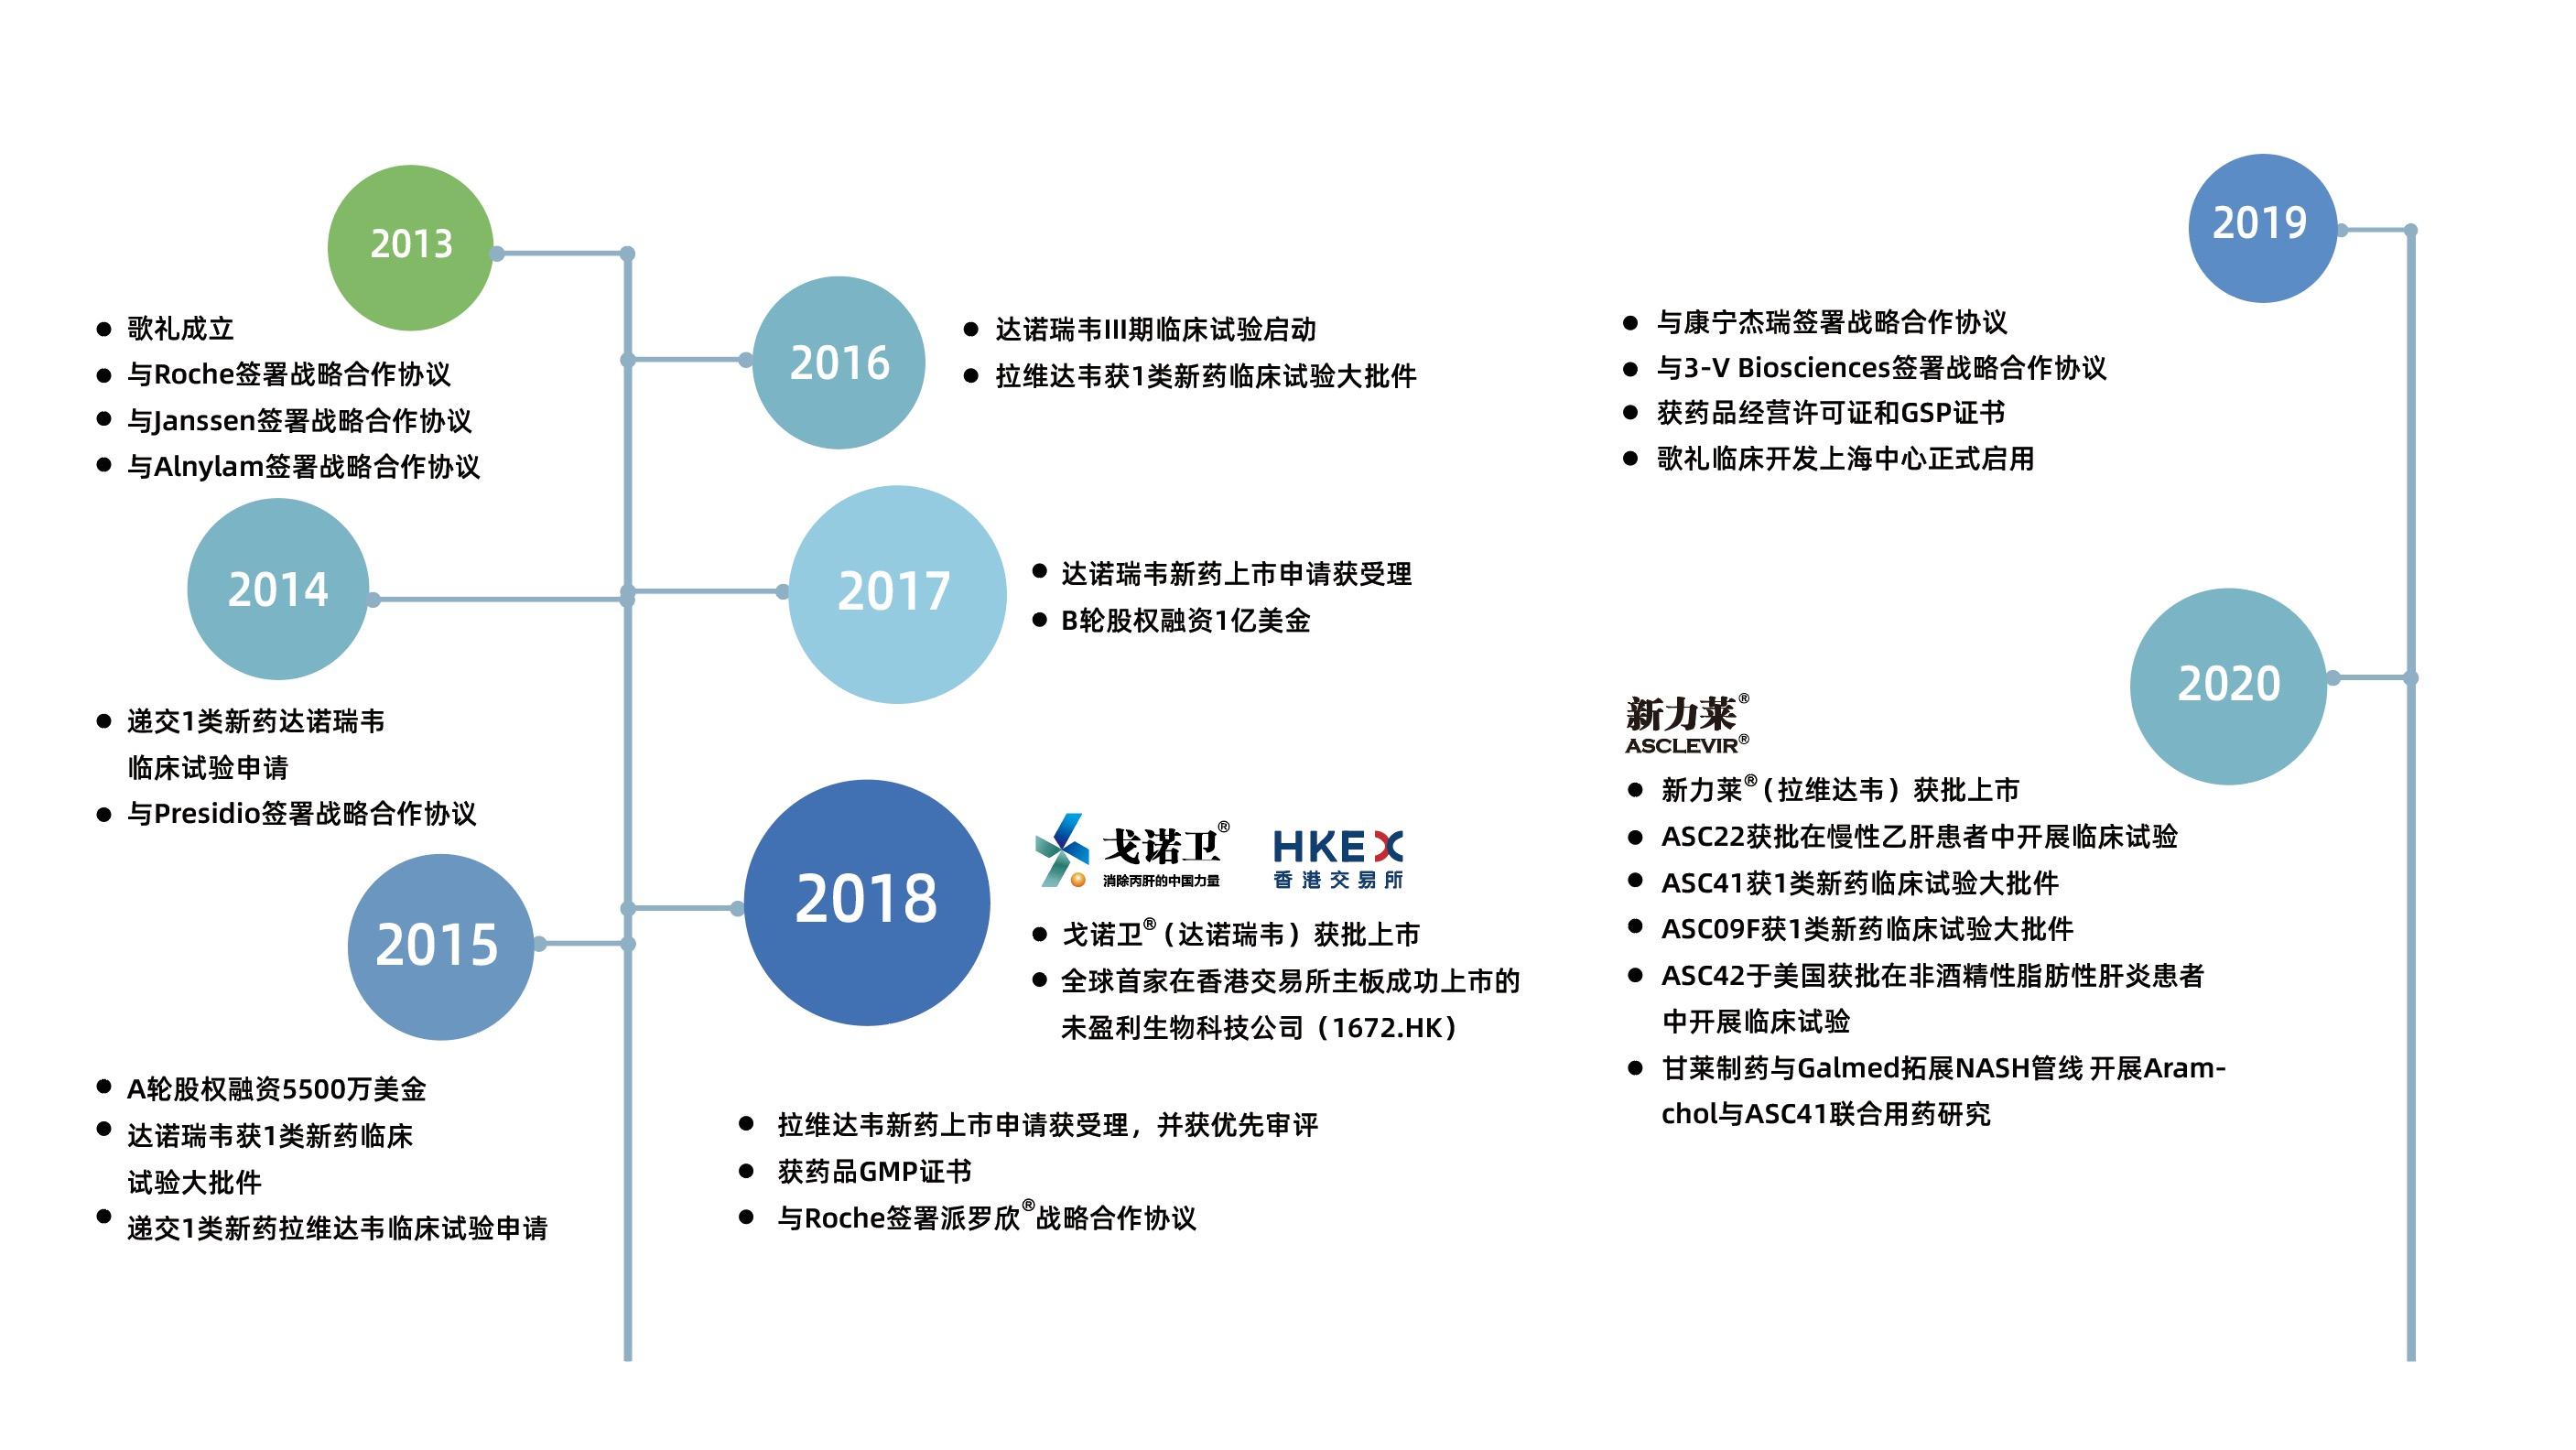 公司大事记20201215.jpg